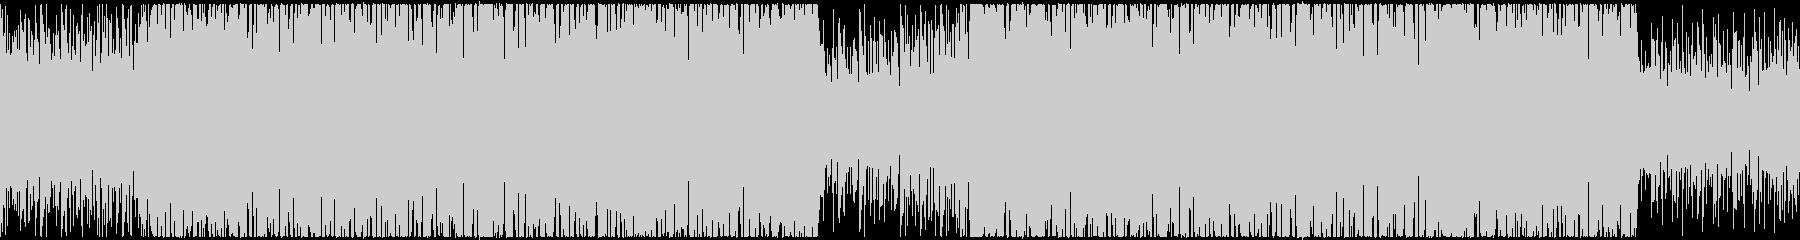 【ループ対応】動画CM明るく切ないEDMの未再生の波形